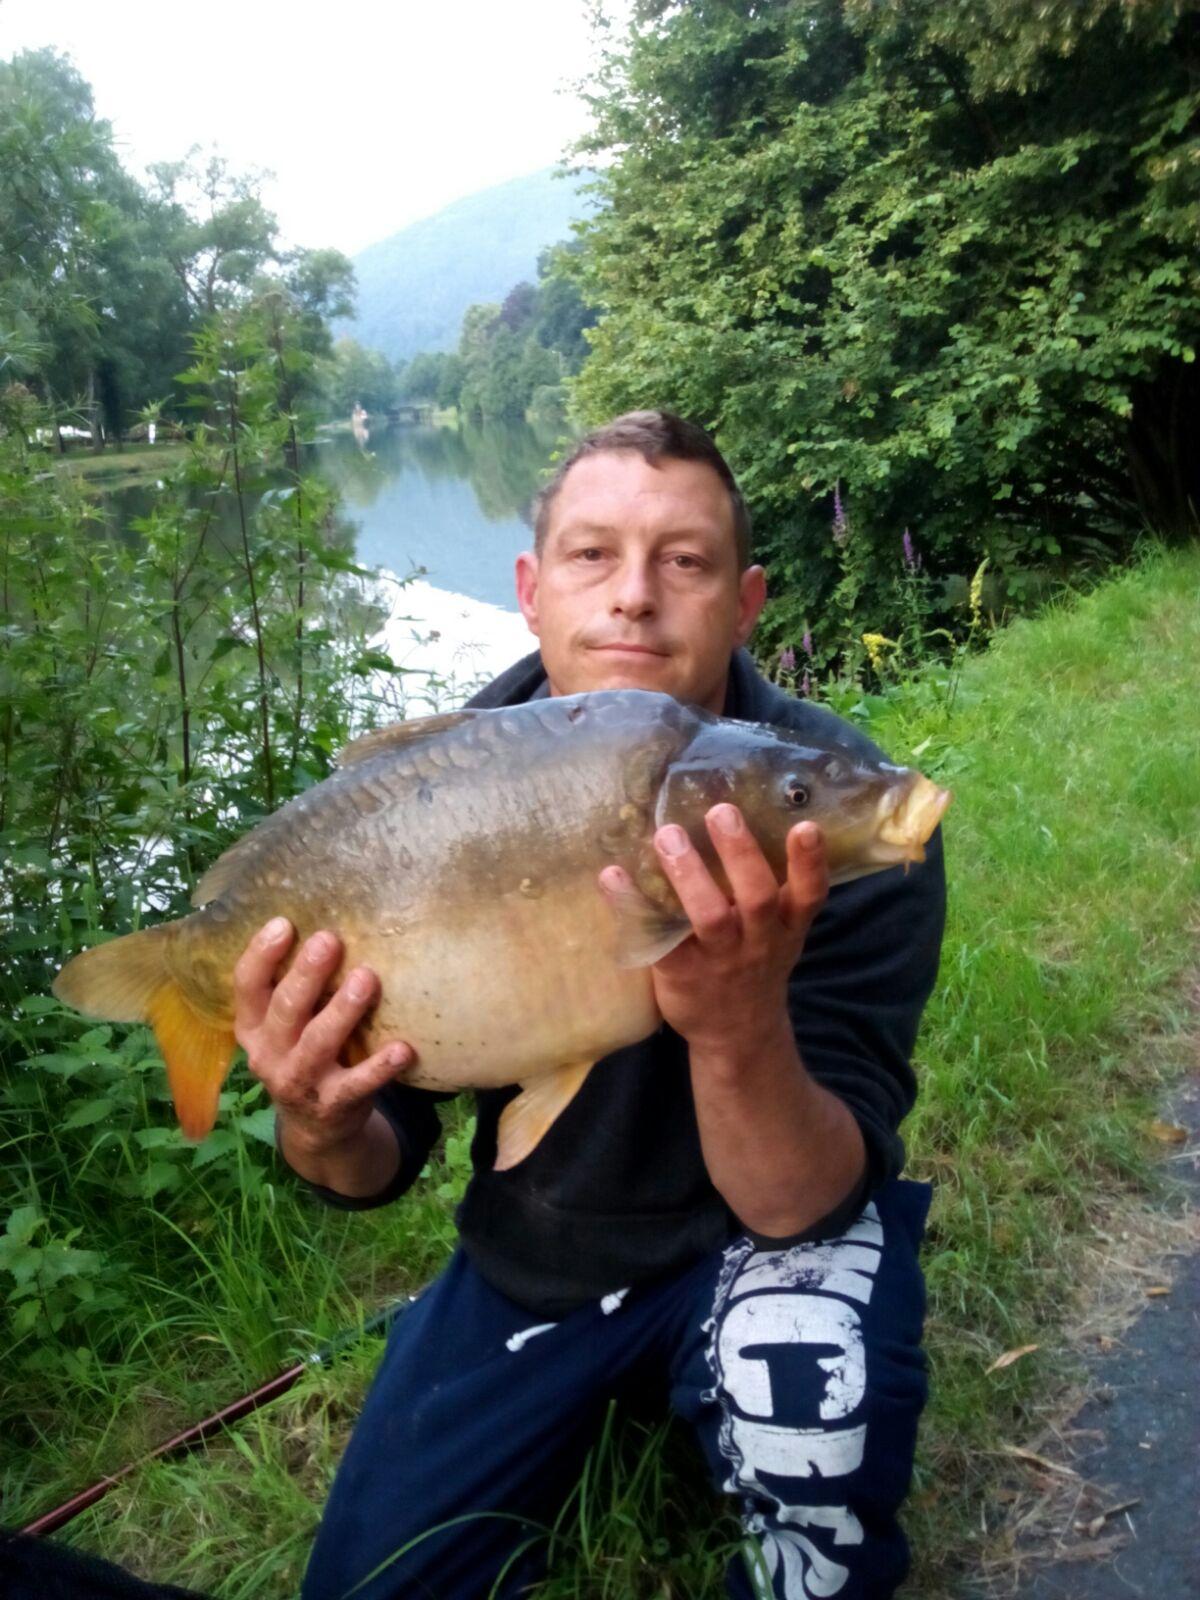 Spiegelkarpfen 10 kg / Köder: Frolic am Grund (17.07.2016)